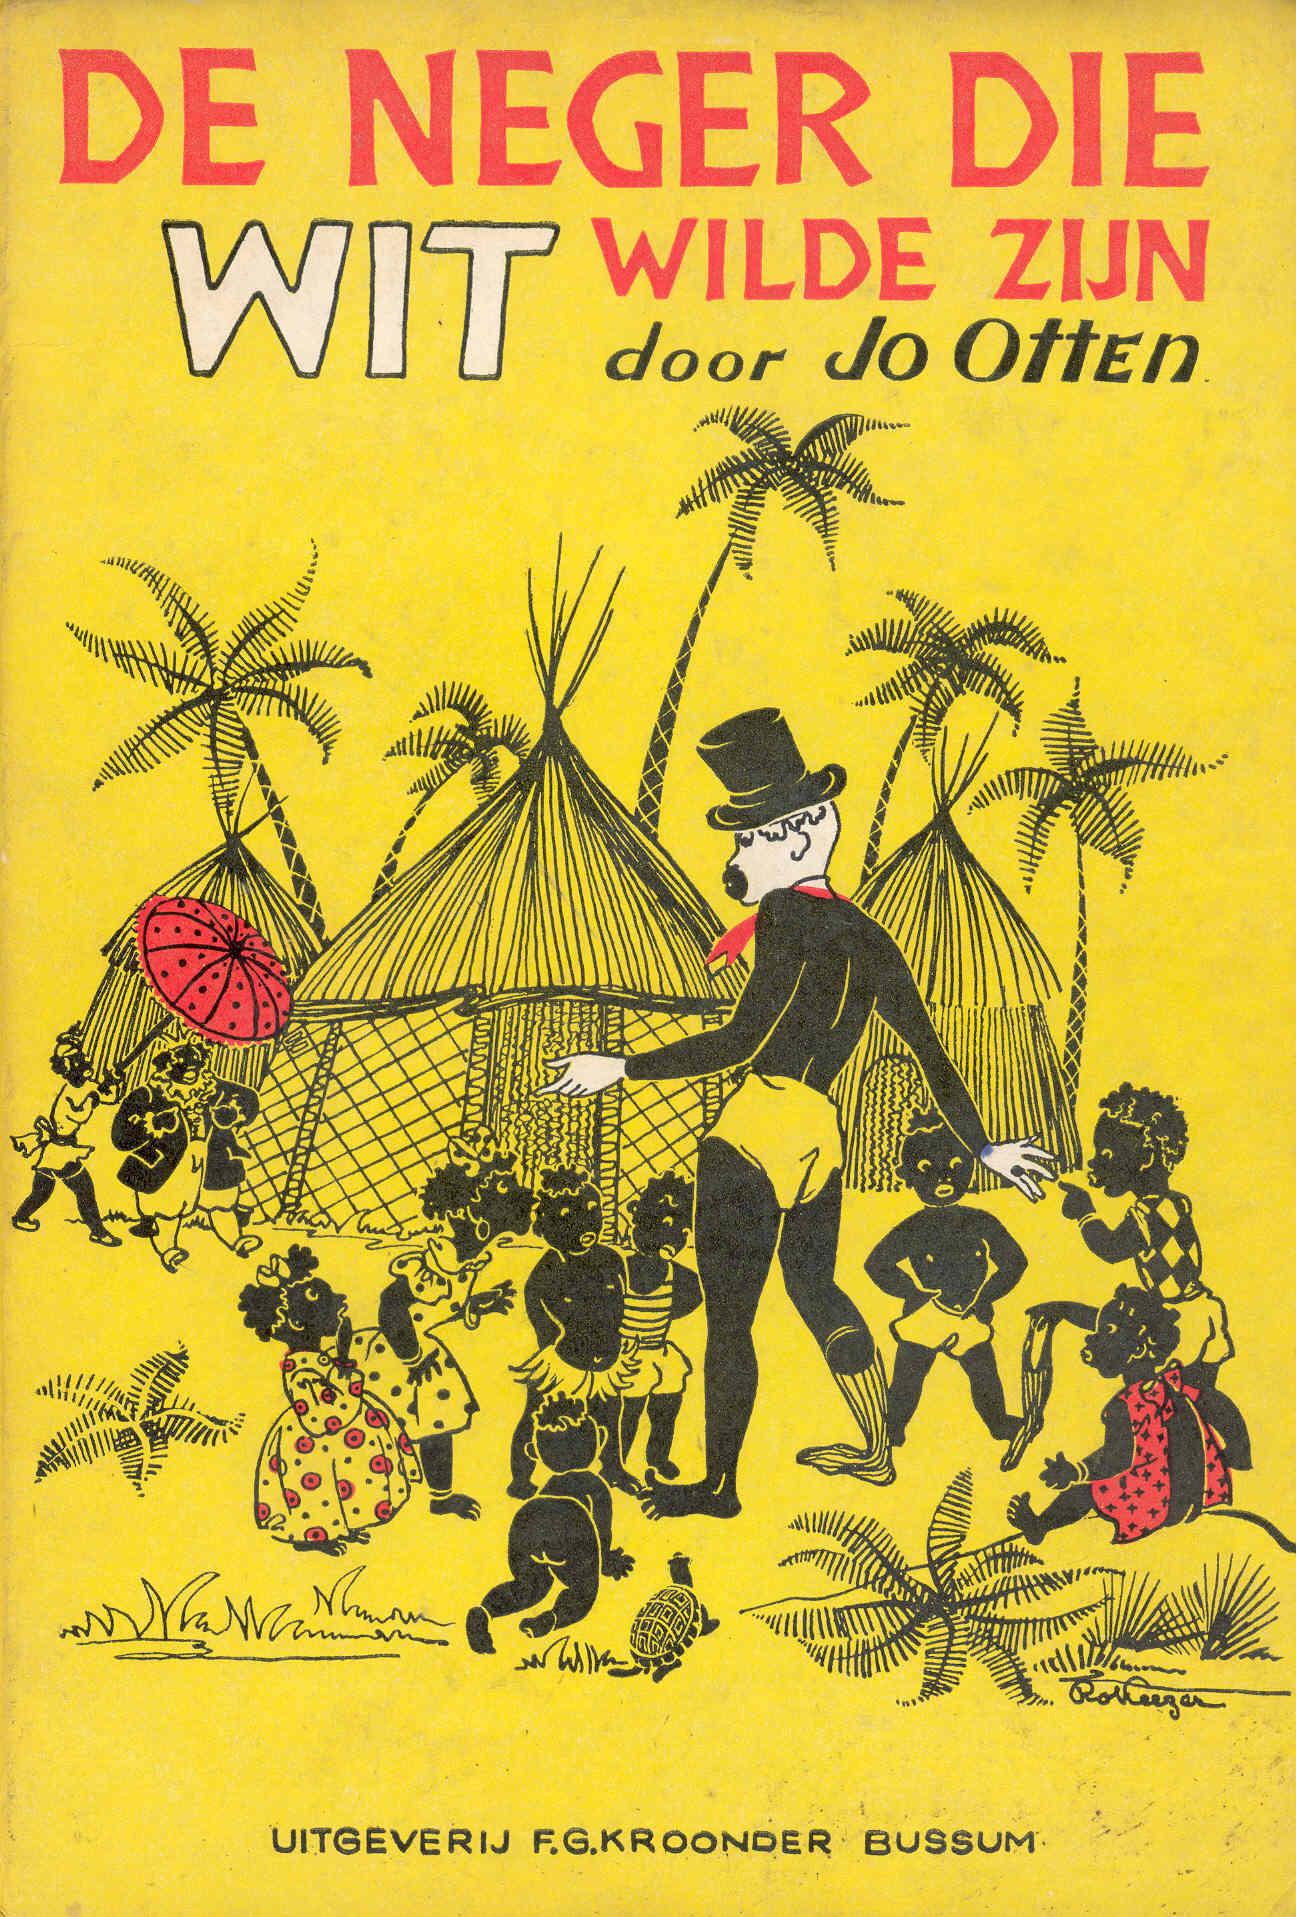 De neger die wit wilde zijn (Jo Otten, 1947)